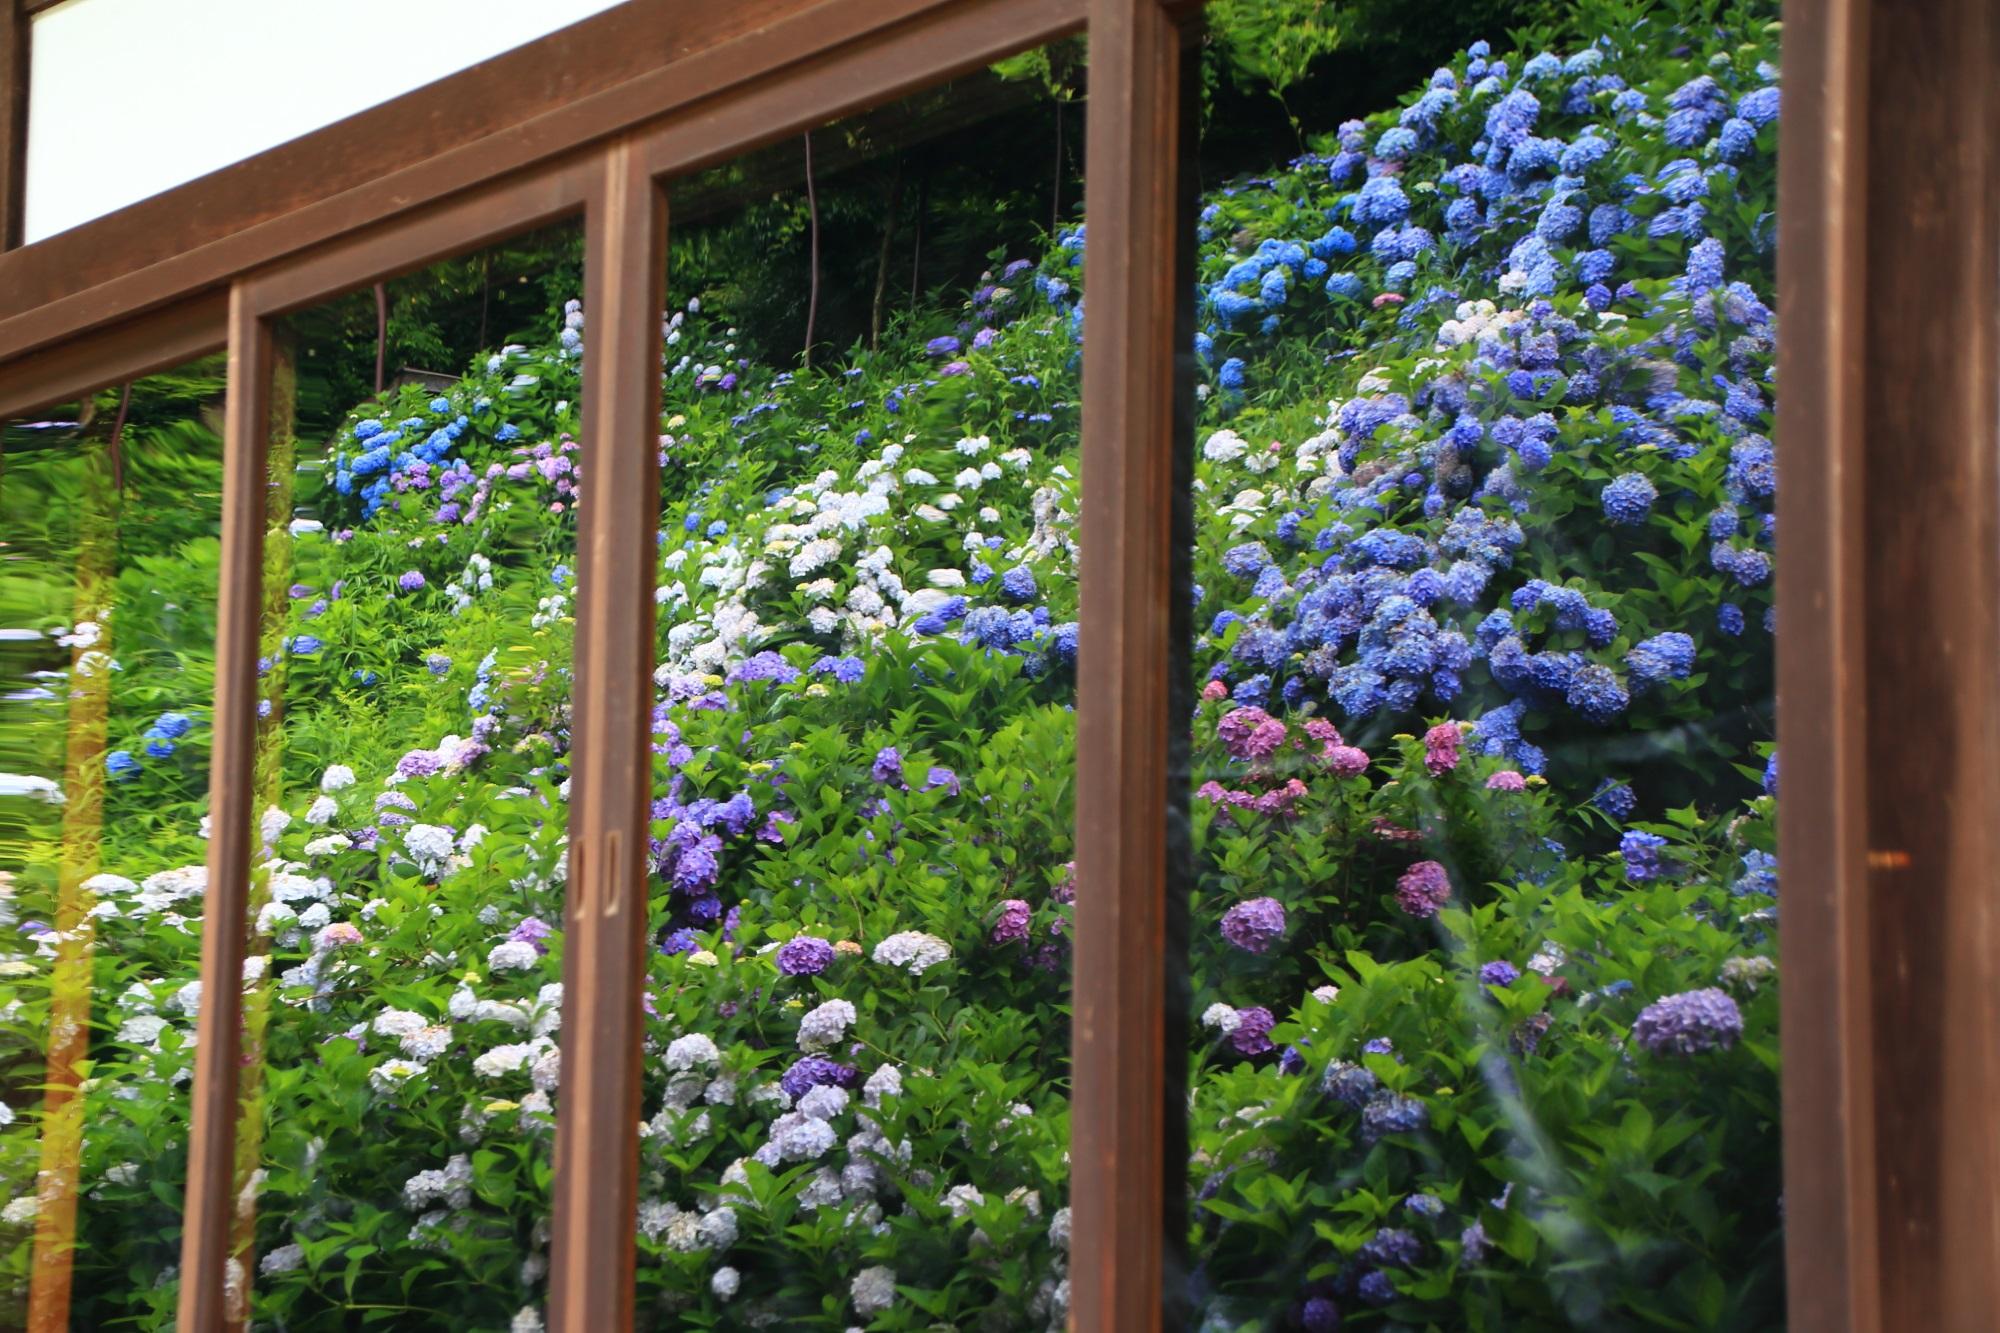 丹州観音寺の伽藍のガラスに映る満開の紫陽花